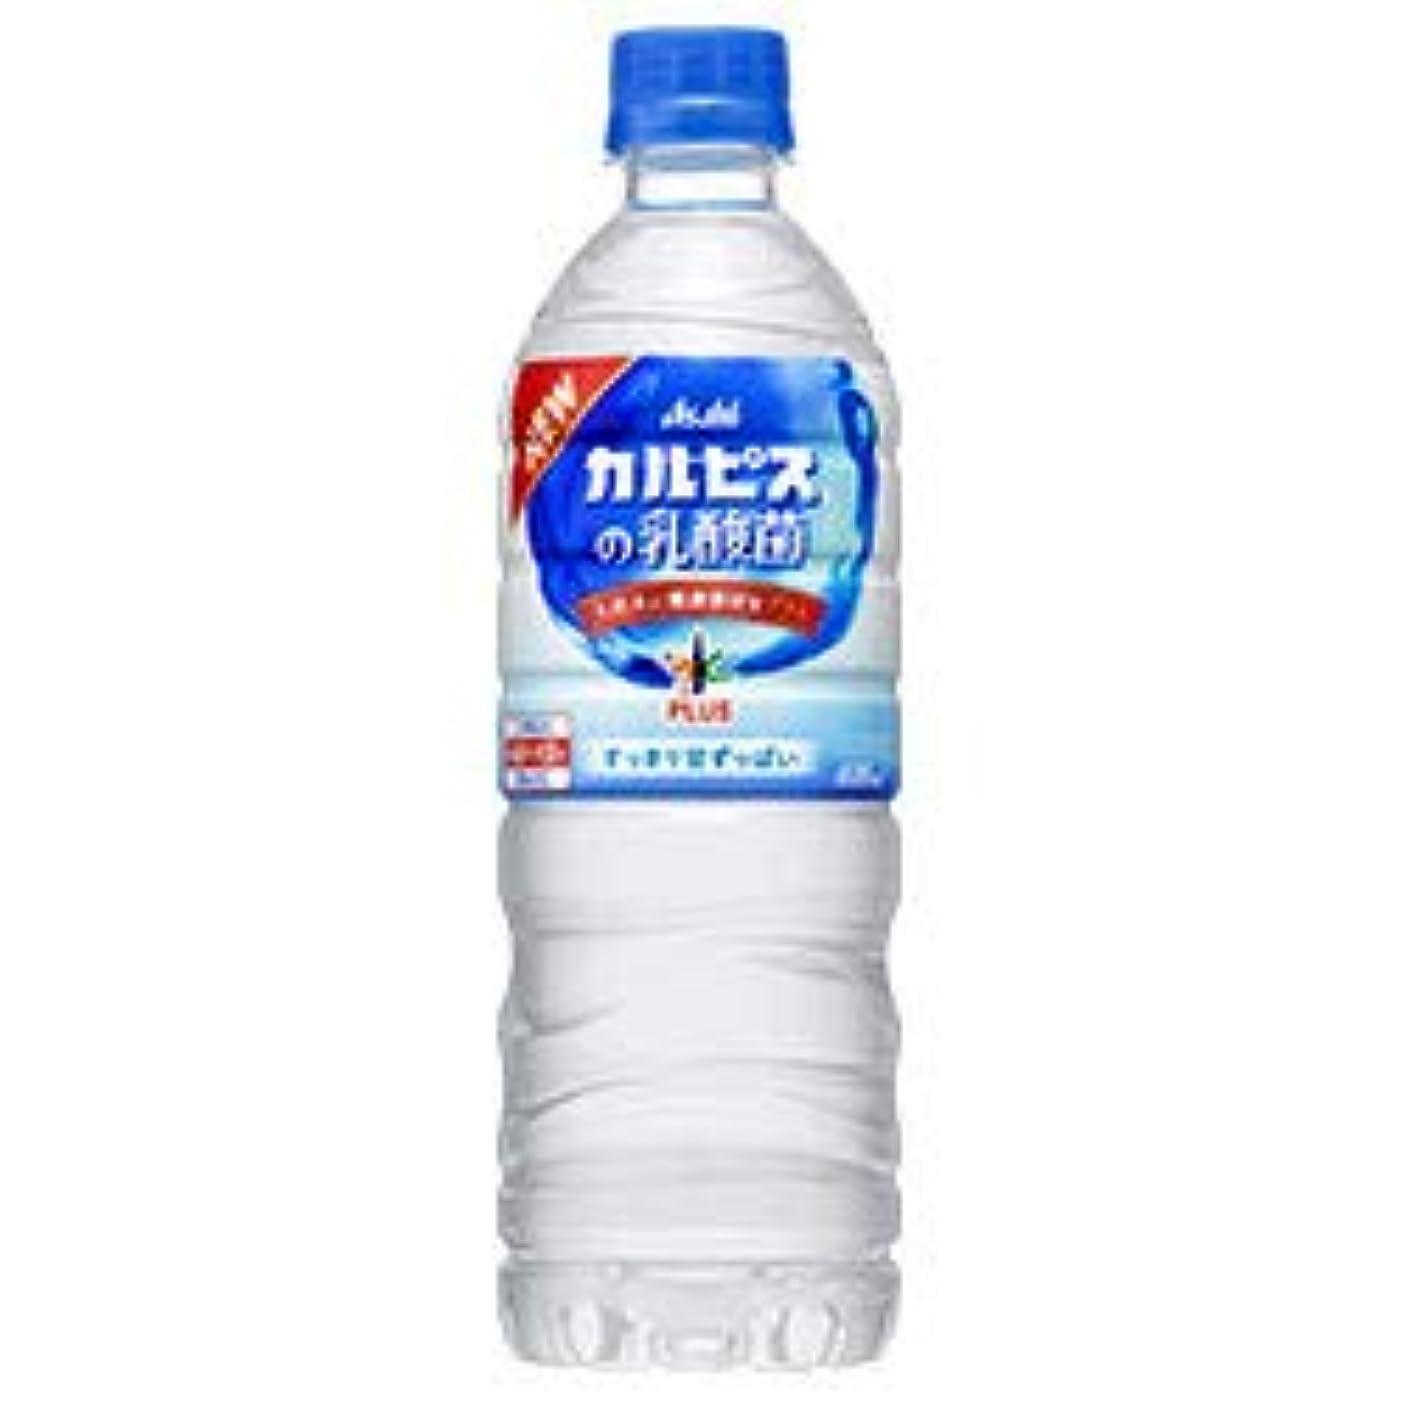 項目文句を言うによってアサヒ飲料 おいしい水プラス カルピスの乳酸菌 600mlペットボトル×24本入